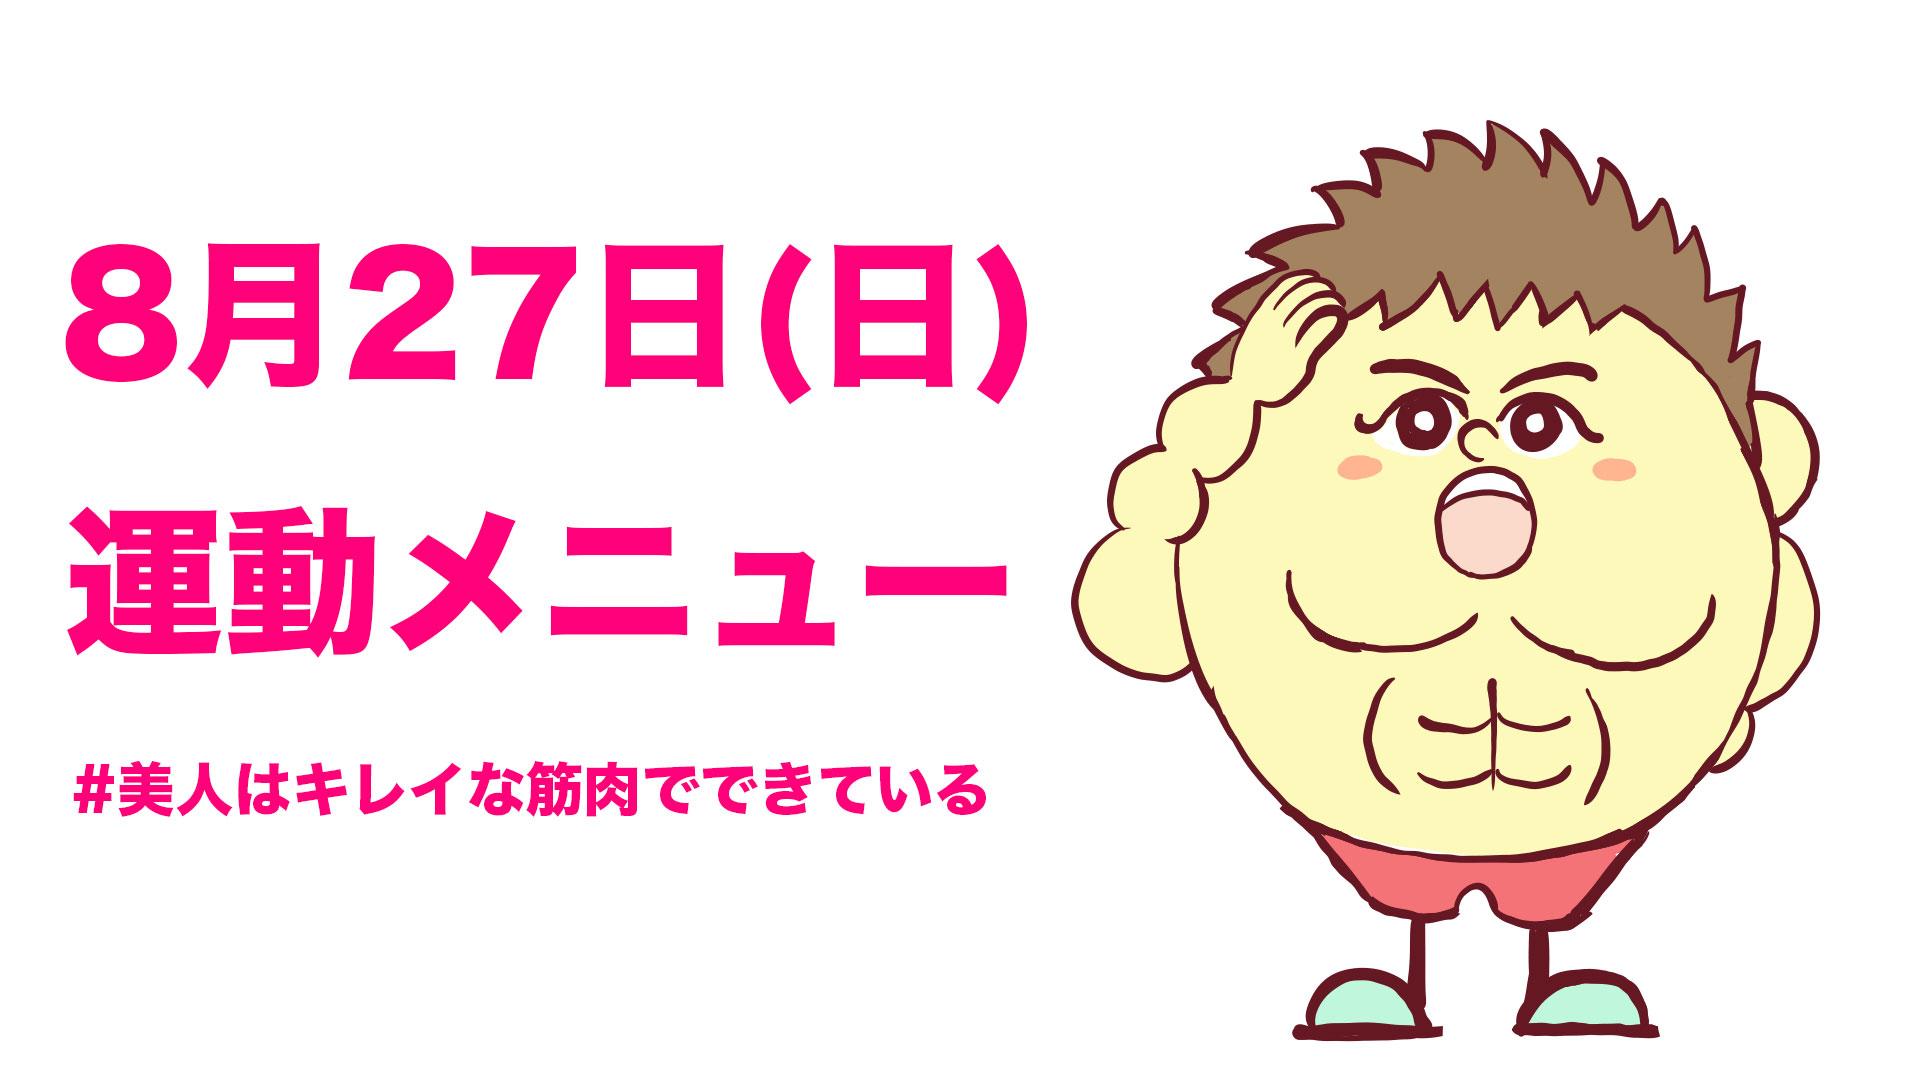 8/27の運動メニュー!